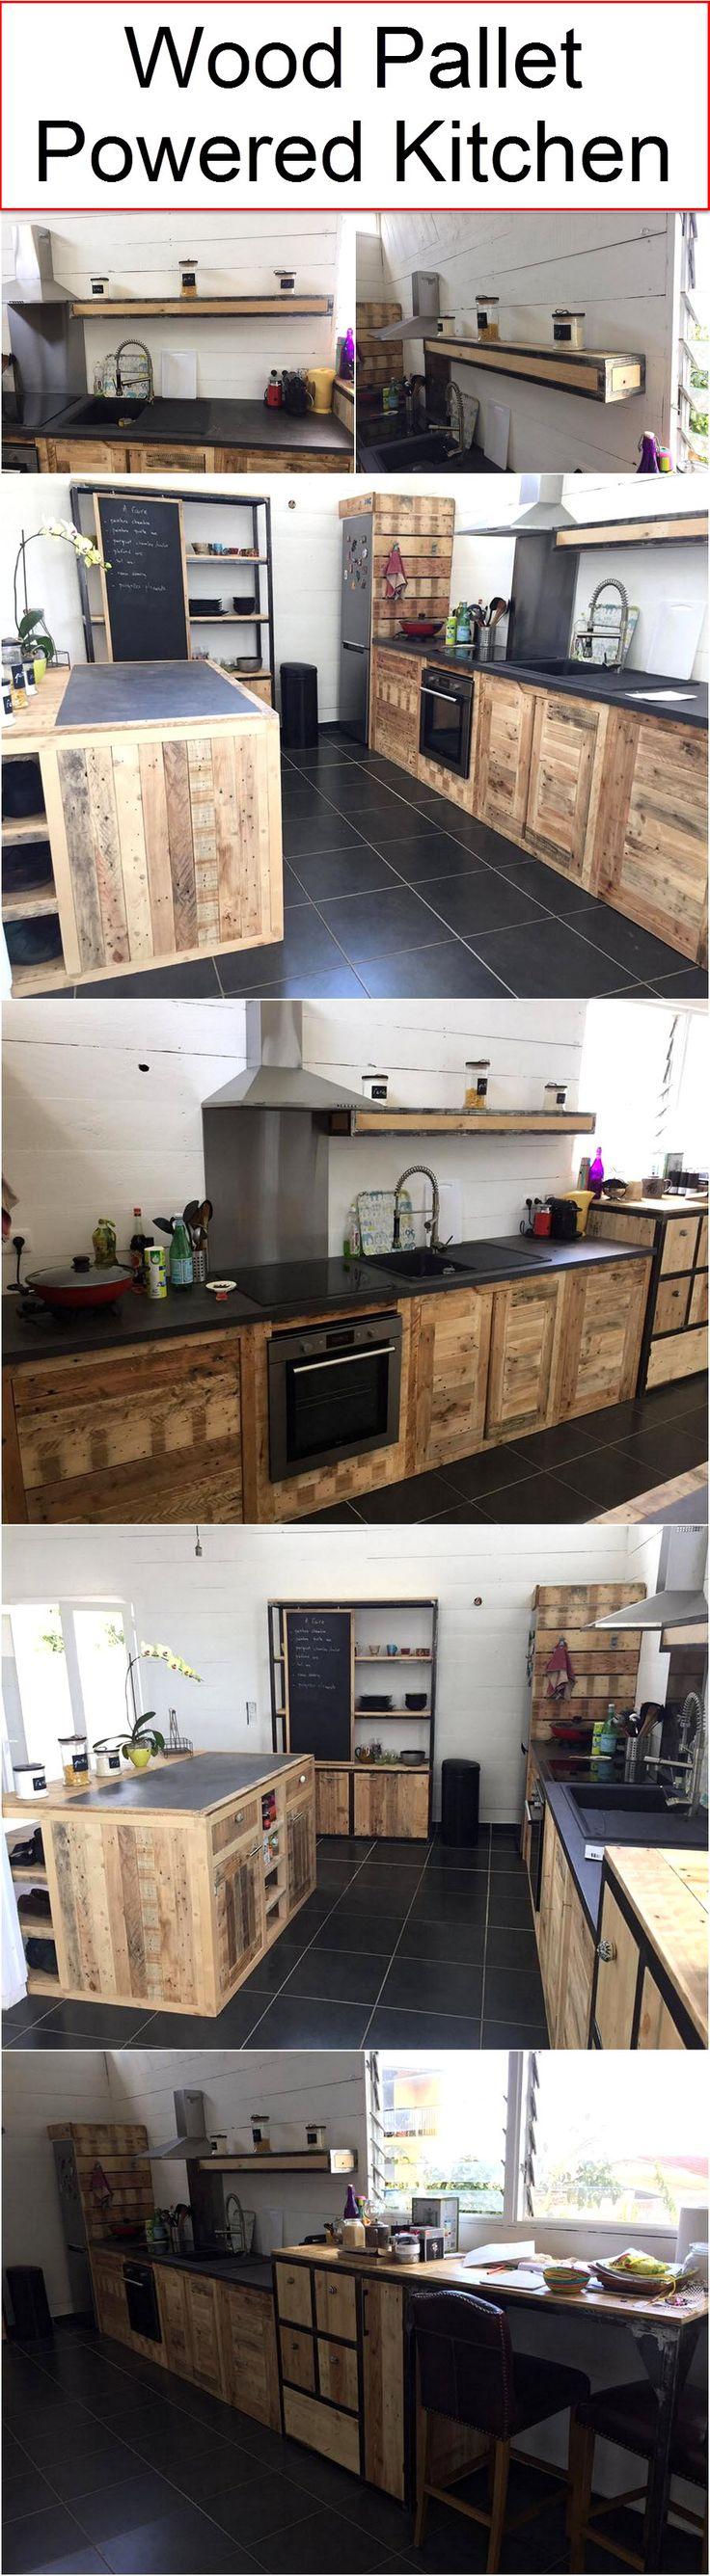 Palettenholz in der Küche? Klar, warum nicht.